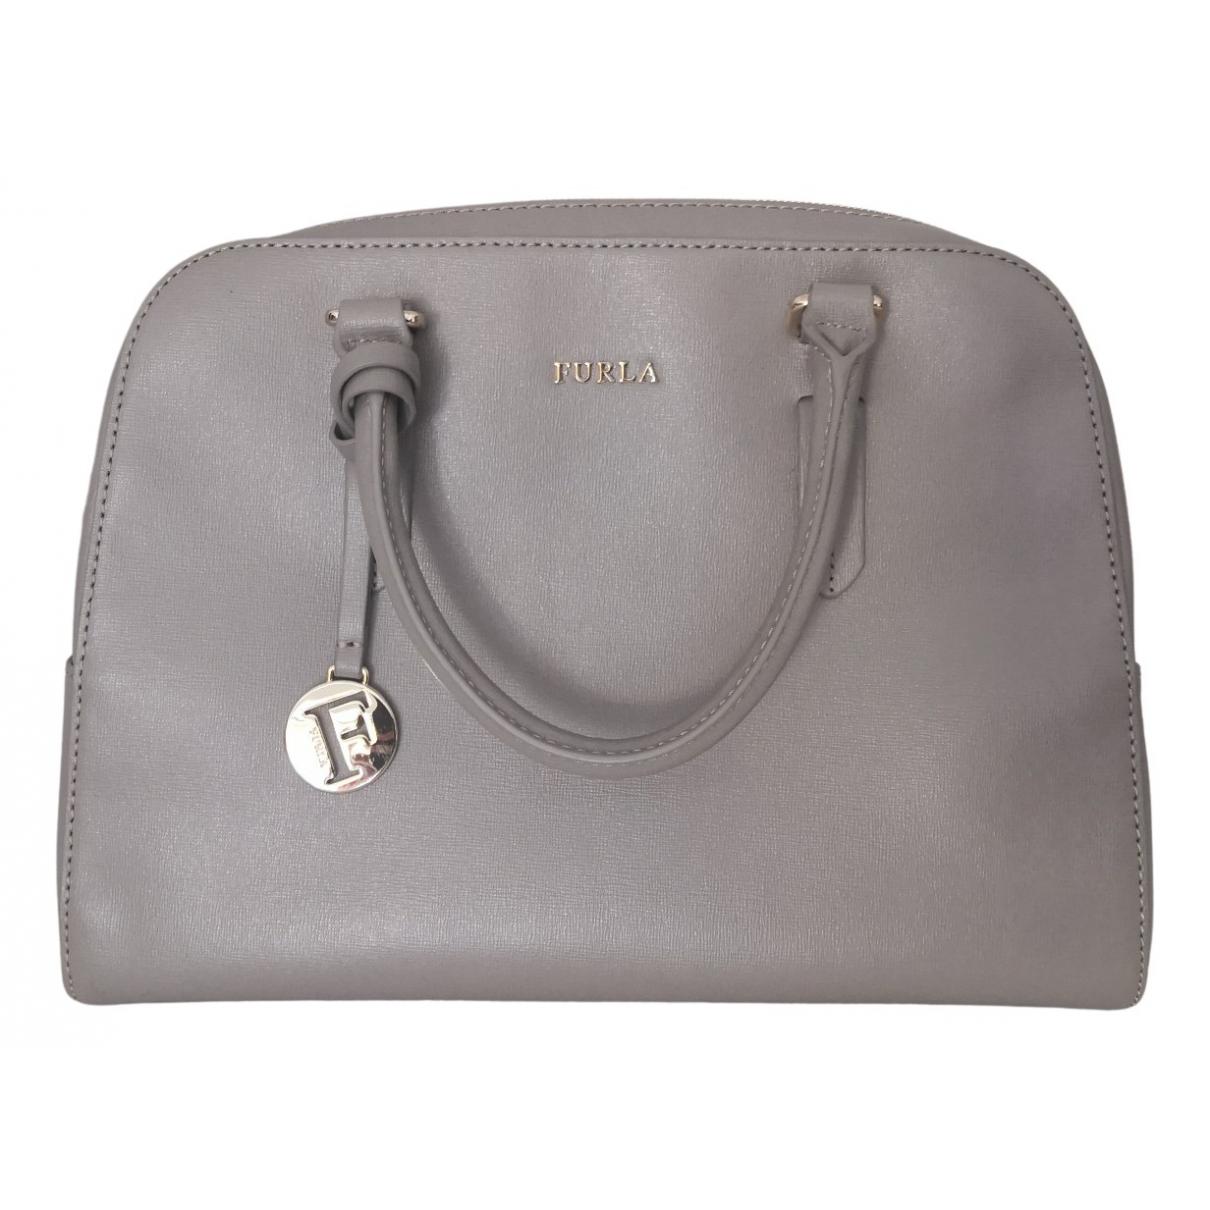 Furla \N Handtasche in  Grau Leder